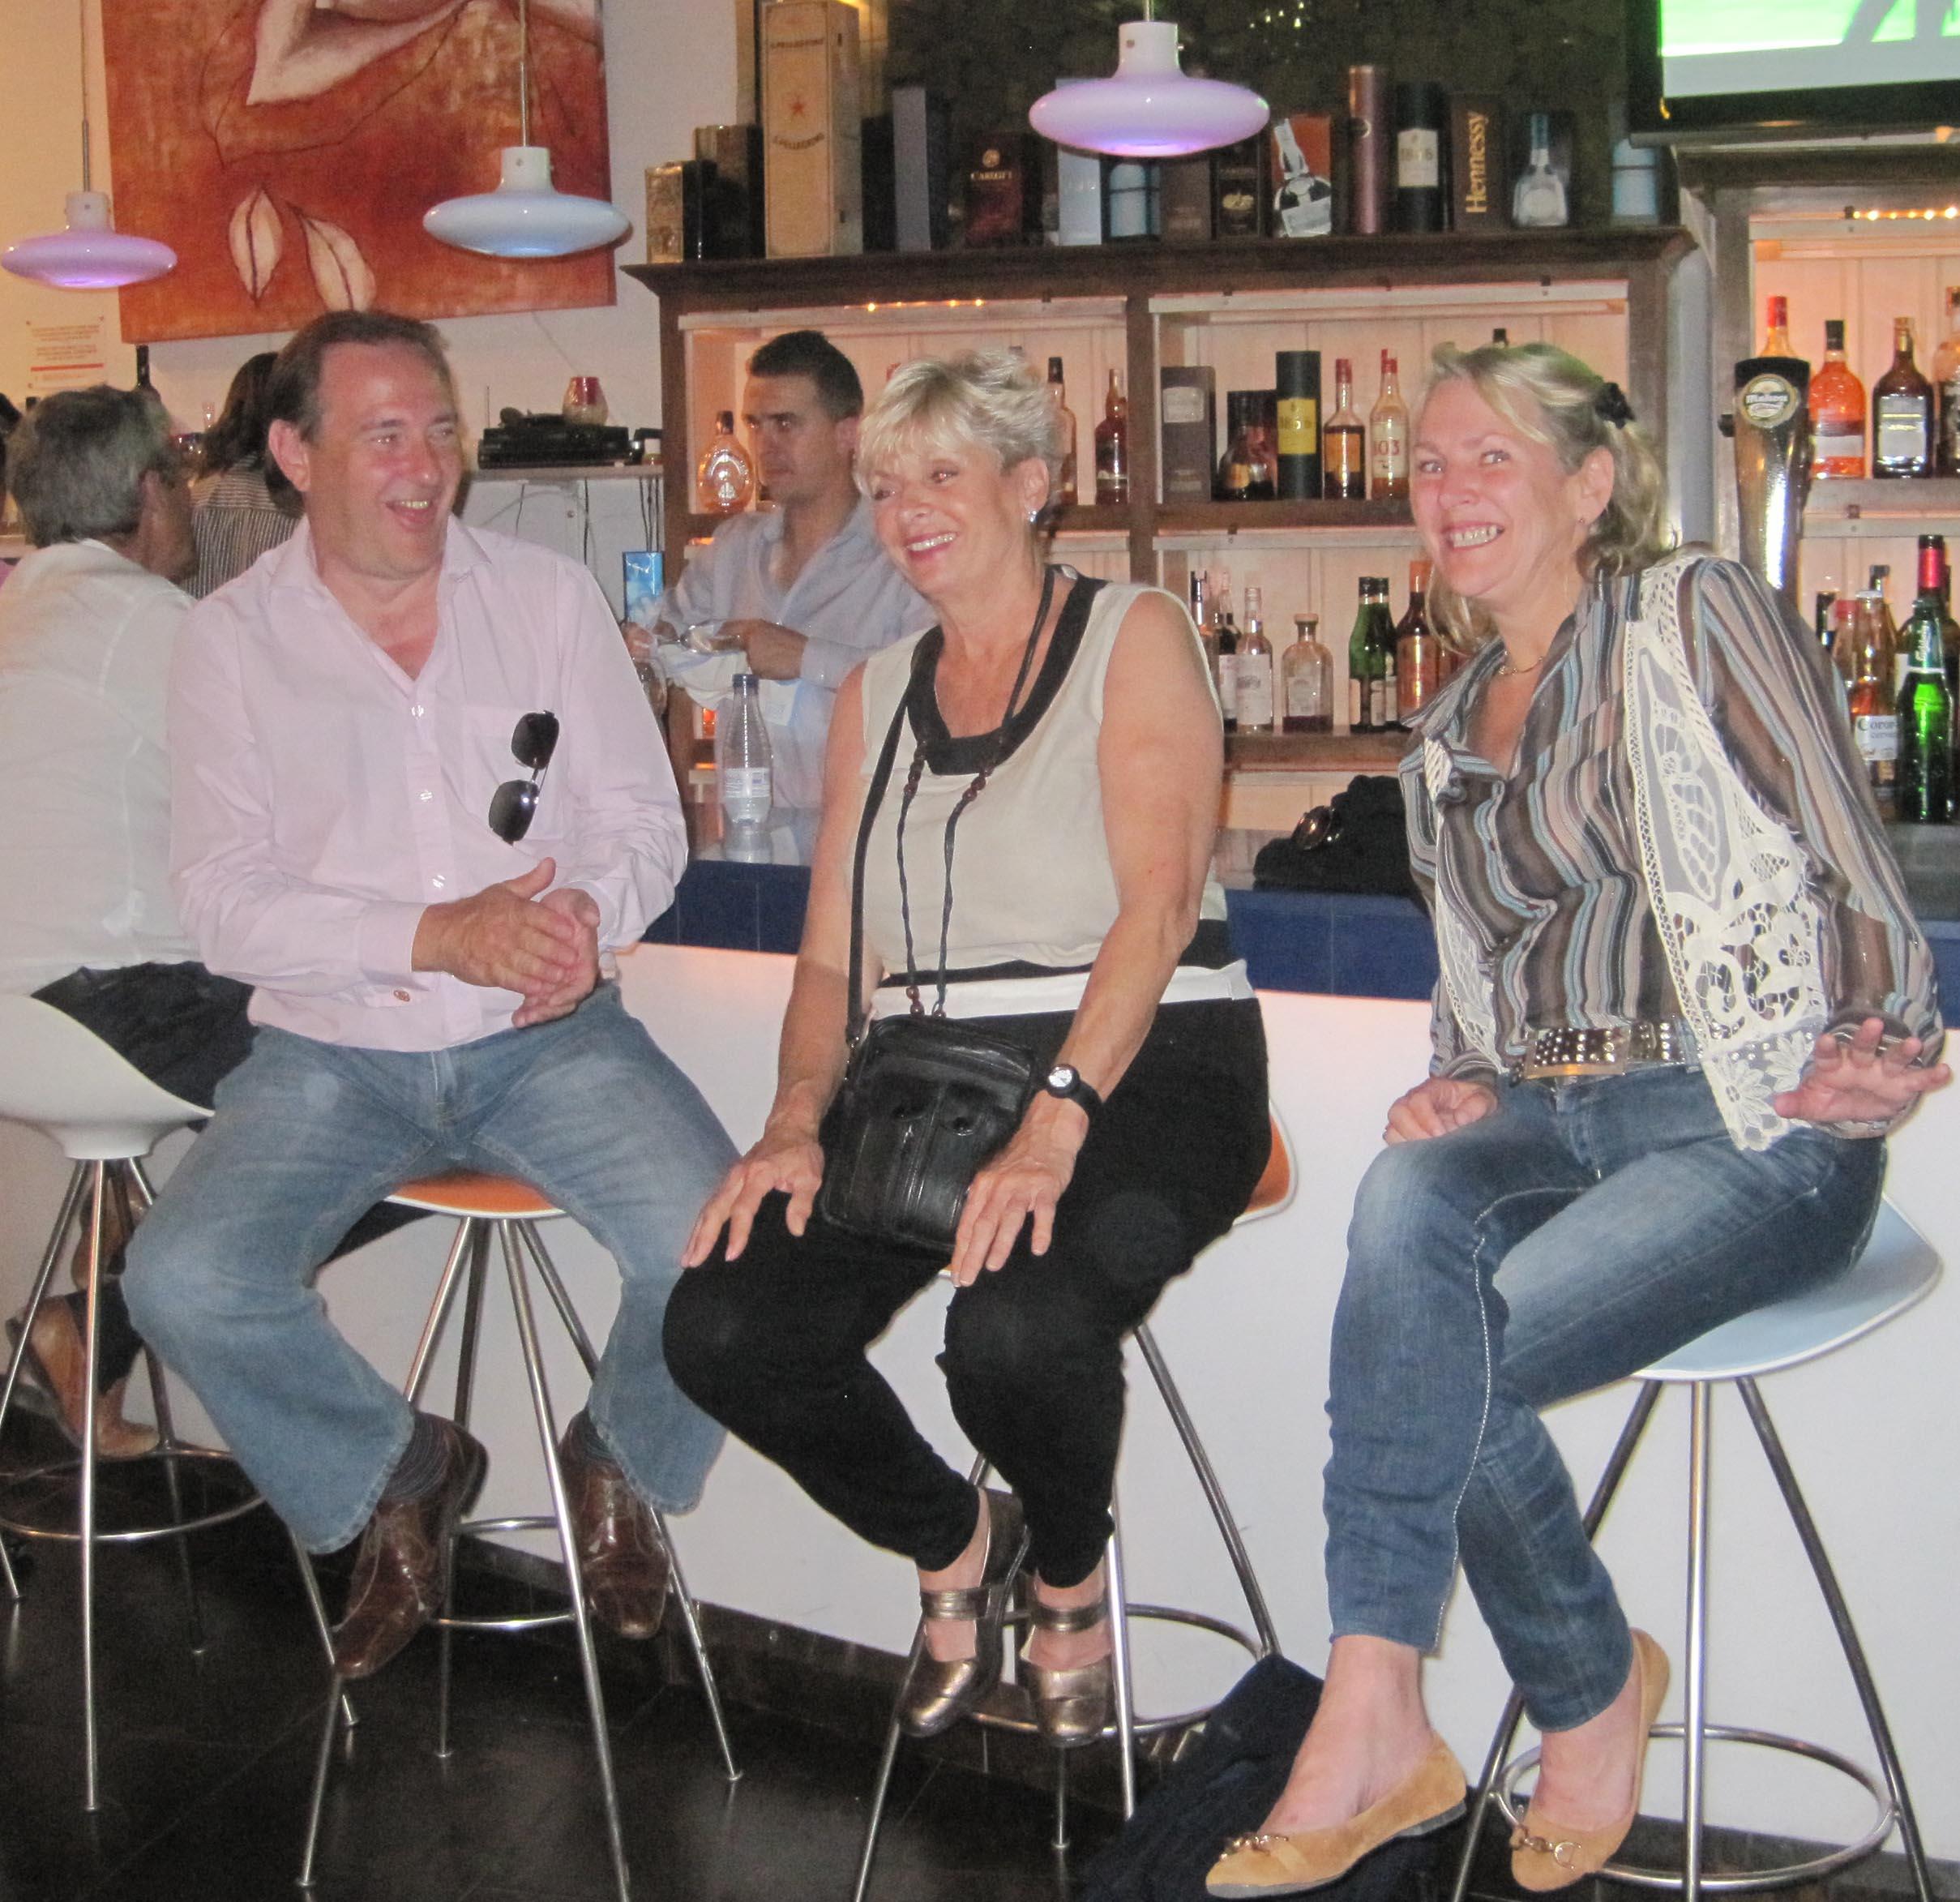 wine-tasting-guests4